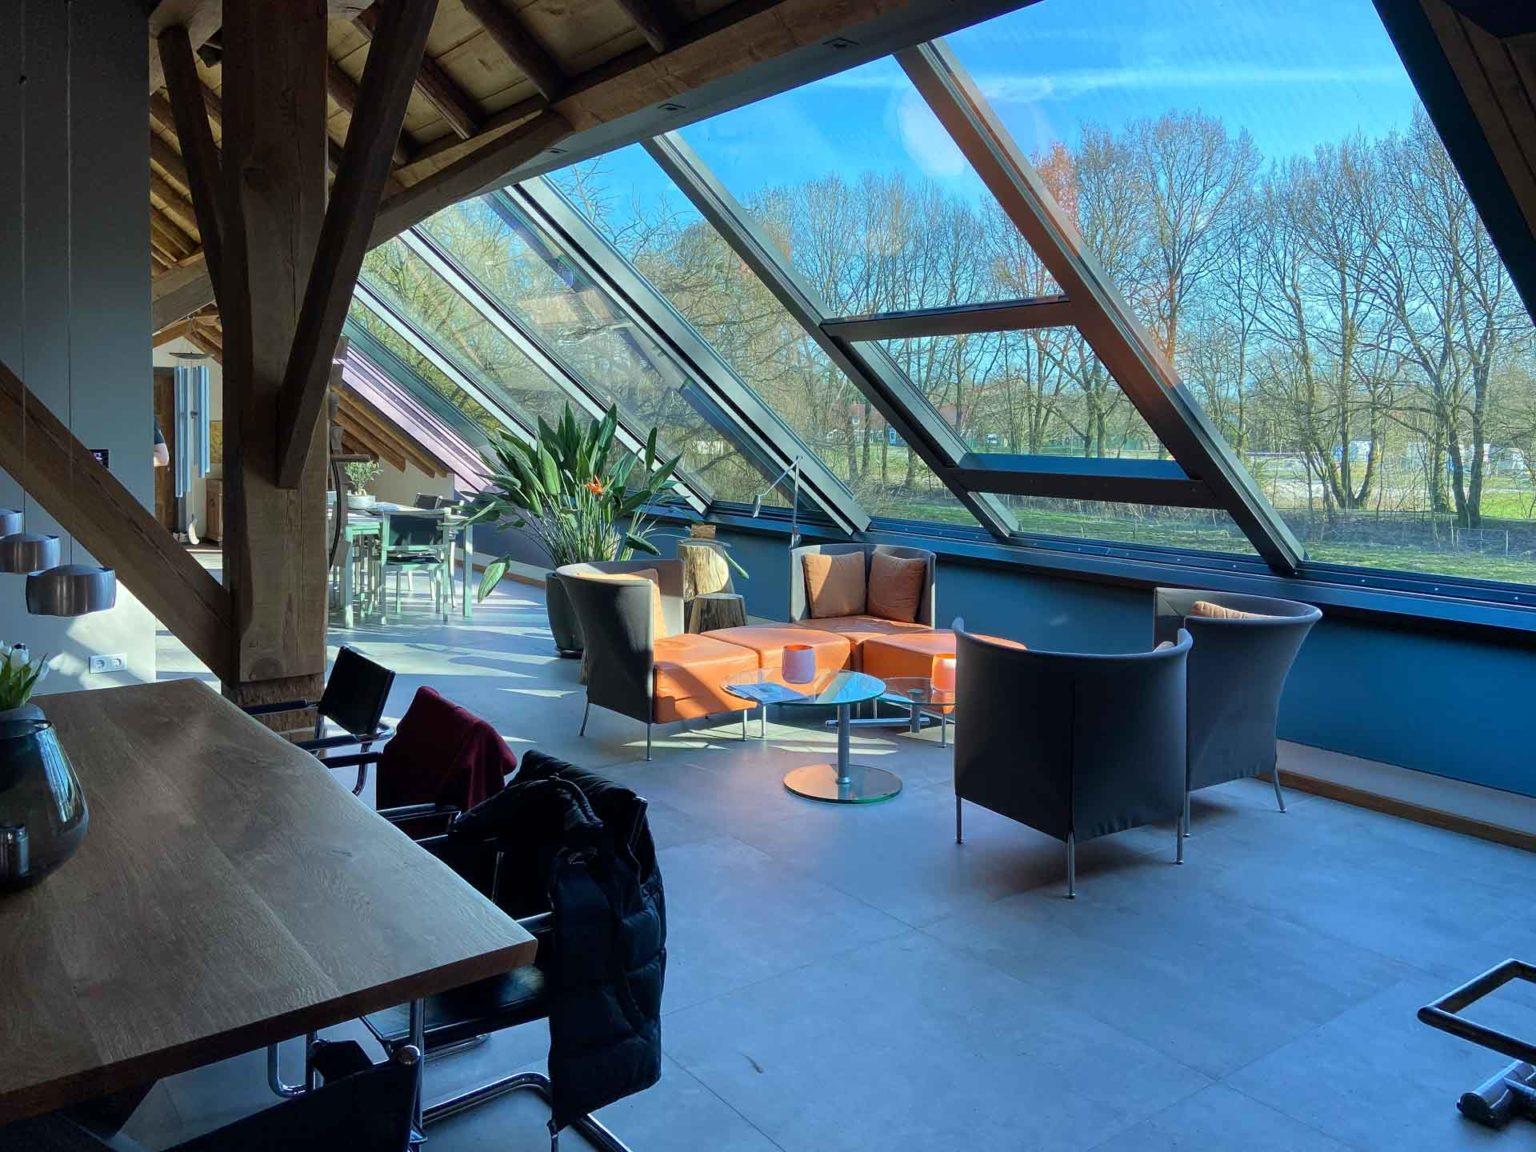 Panorama Dachschiebenster in Leer (Objekt 1206). 2 teiliges Panorama Dachschiebefenster (Typ AL), 1050  cm breit und 350 cm hoch, 3-fach Glas (Ug 0,7) und Sonnenschutzfunktion, Elektroantrieb